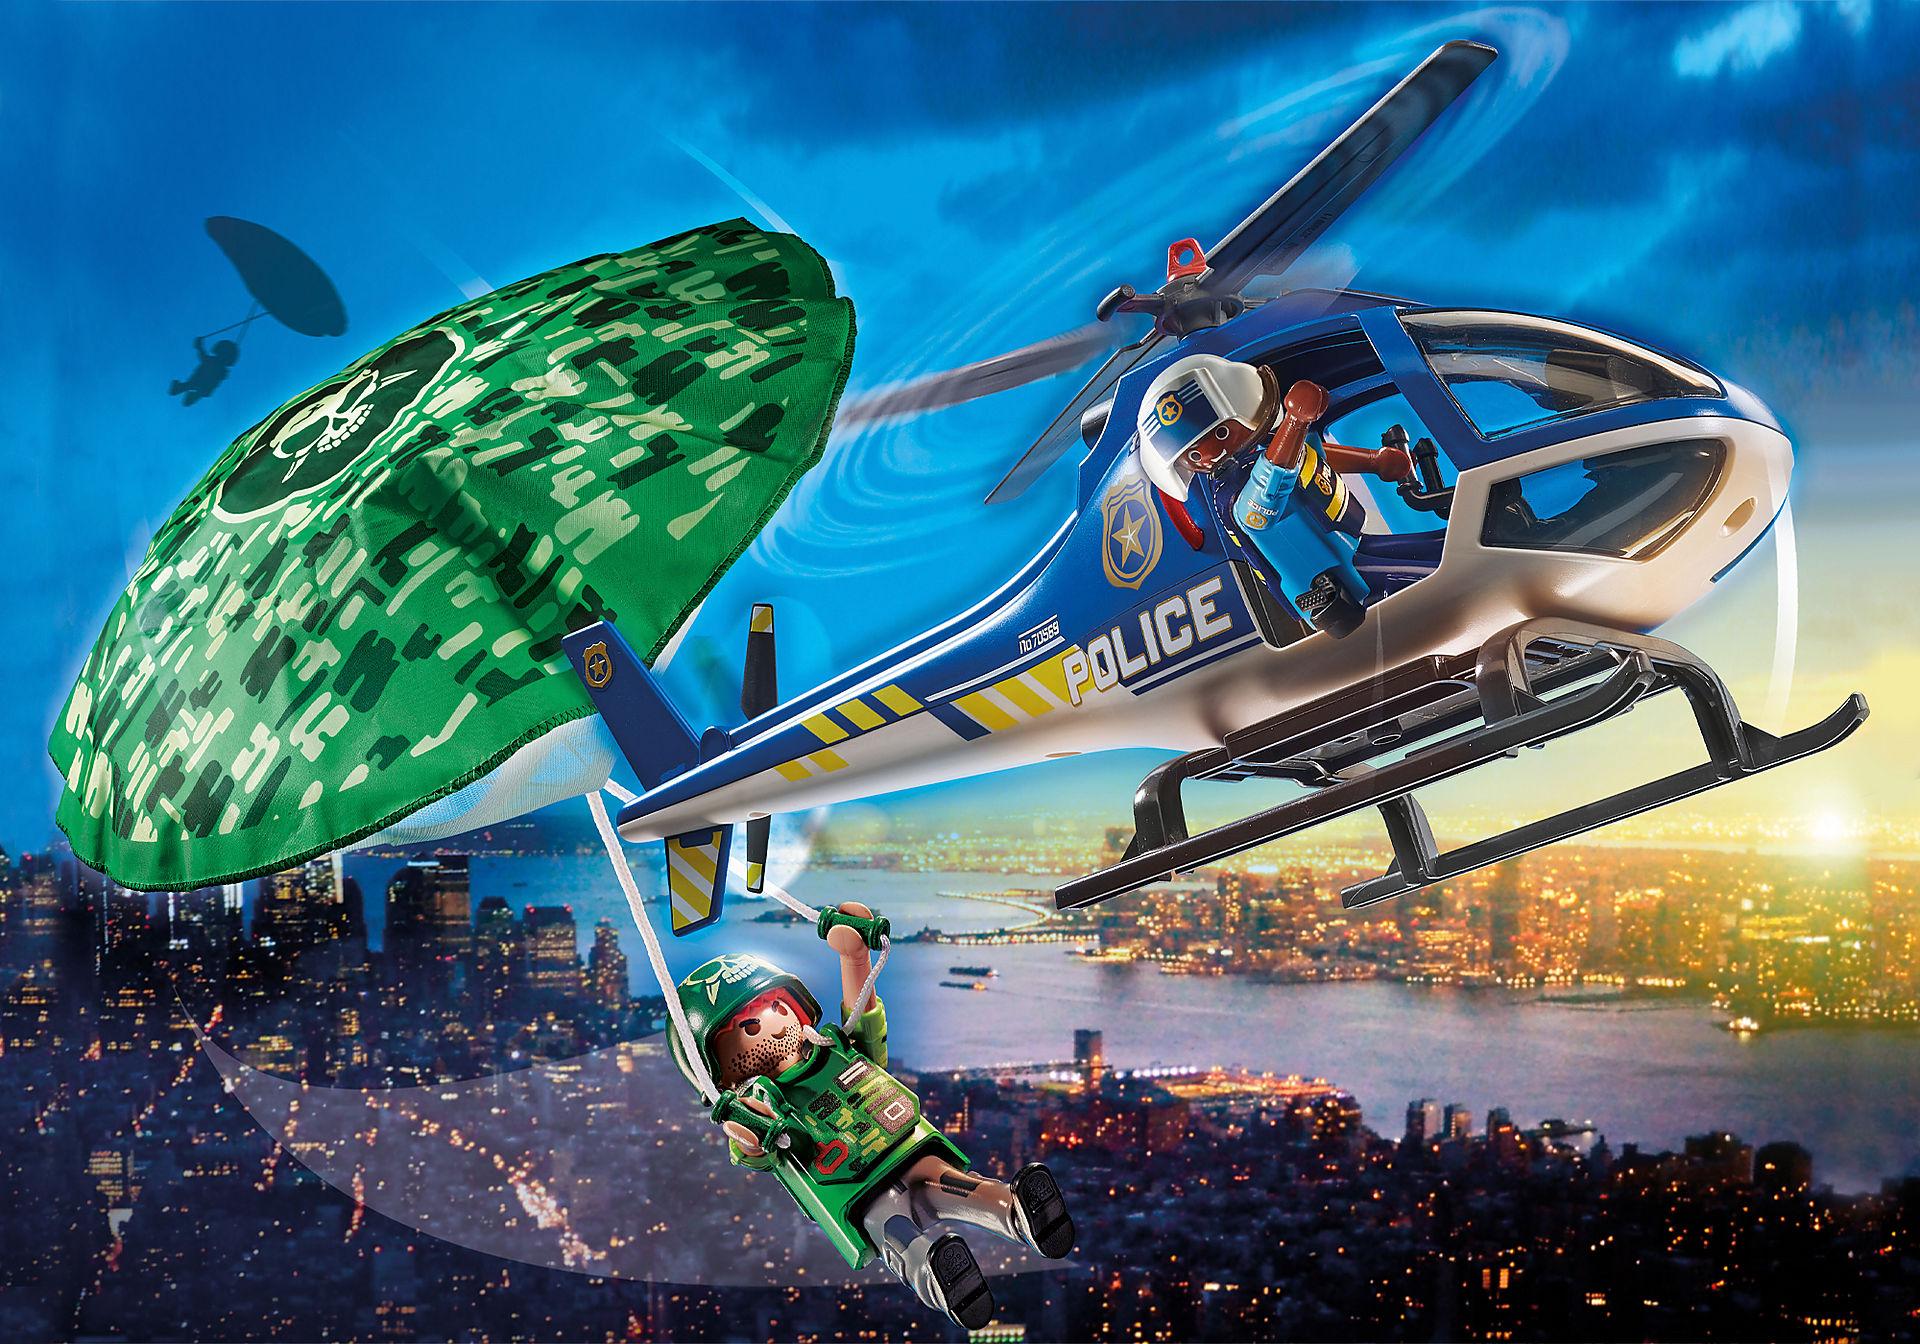 70569 Polizei-Hubschrauber: Fallschirm-Verfolgung zoom image1